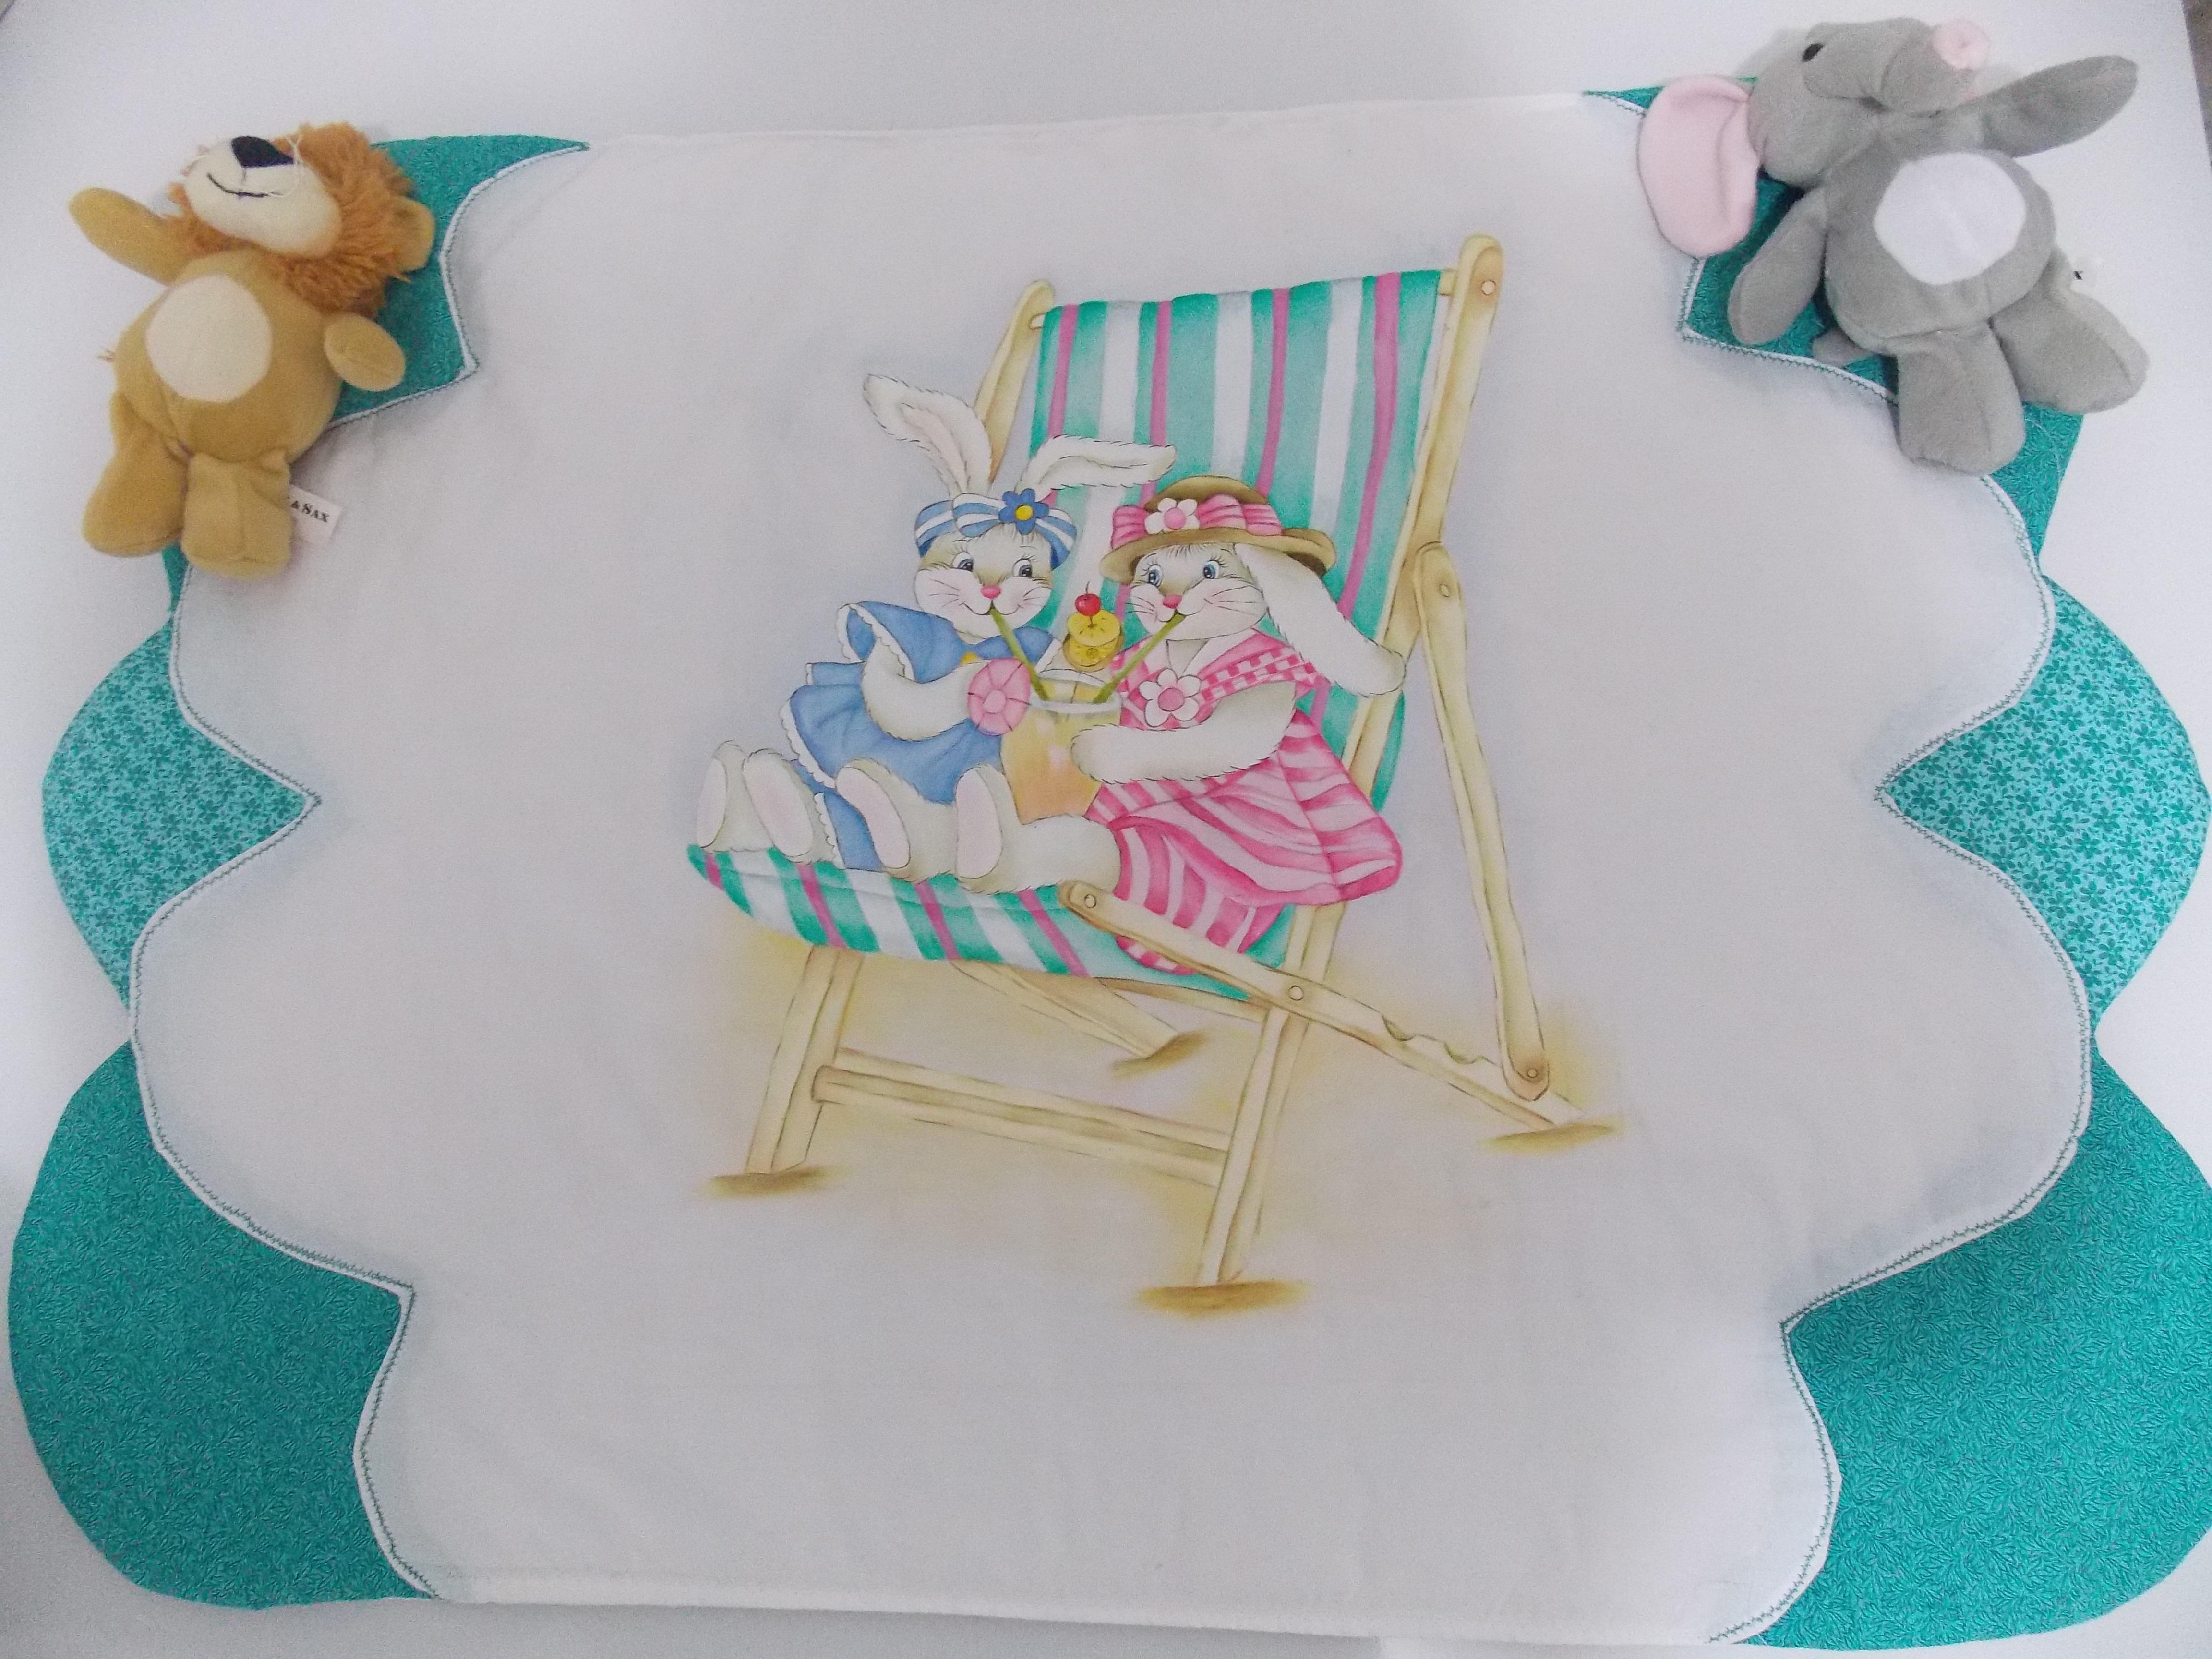 Tapete Rosa Para Quarto De Bebe : tapete para quarto de bebe pintado a mao tapete para quarto de bebe